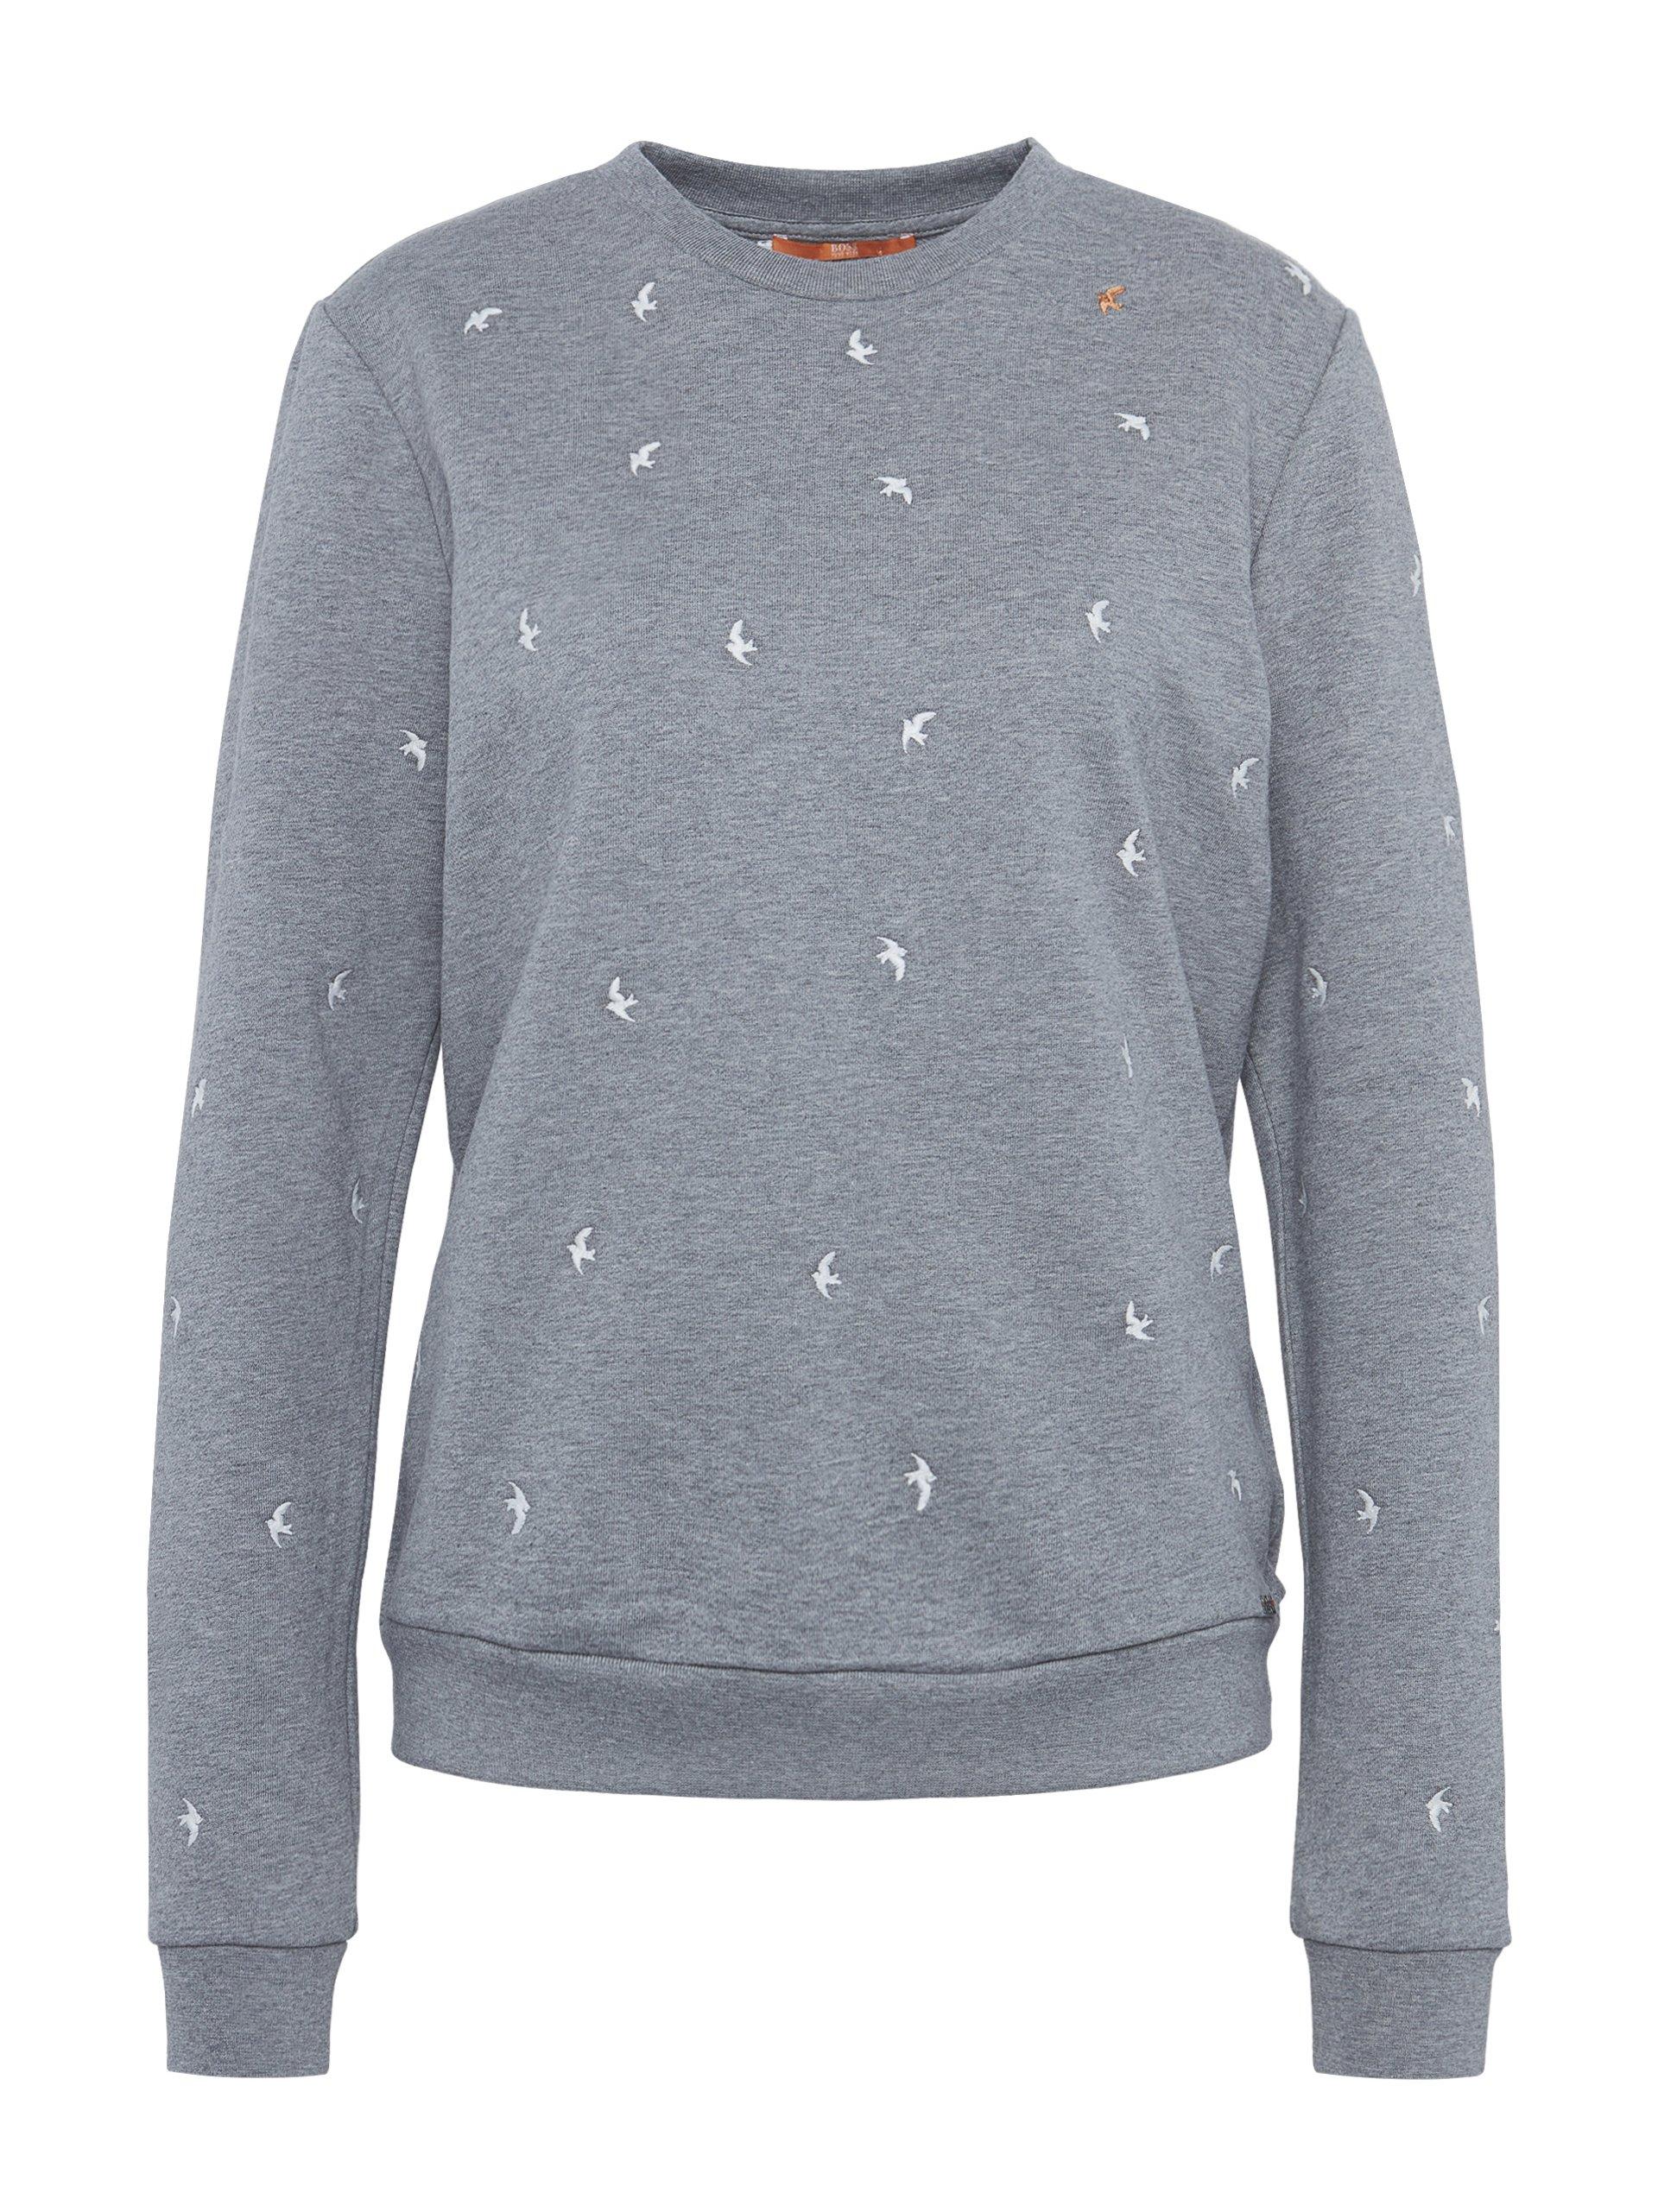 BOSS Casual Damen Sweatshirt - Tabirdy